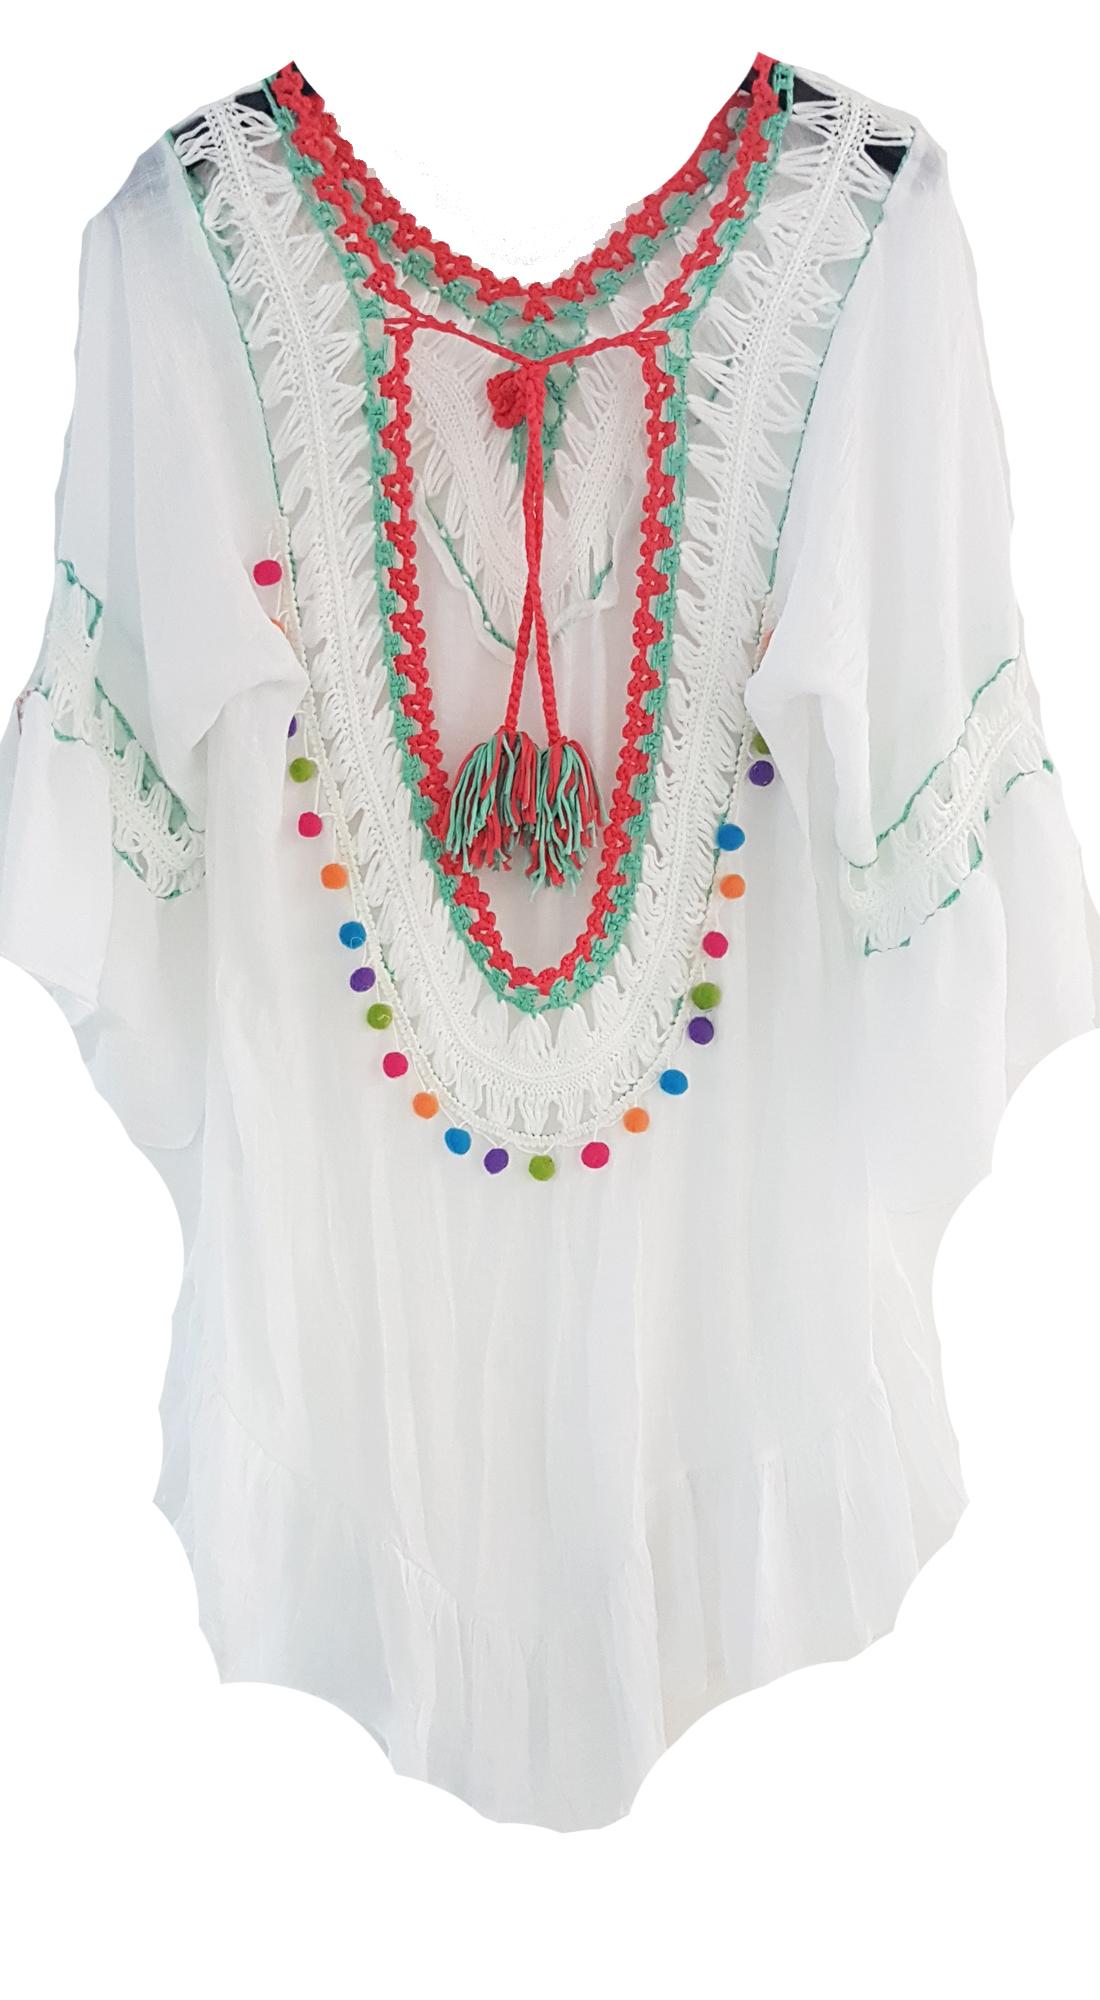 Γυναικείο Έθνικ Καφτάνι με Open Back και πολύχρωμα Pon Pon - OEM - S17SOF-103258 top trends cut outs